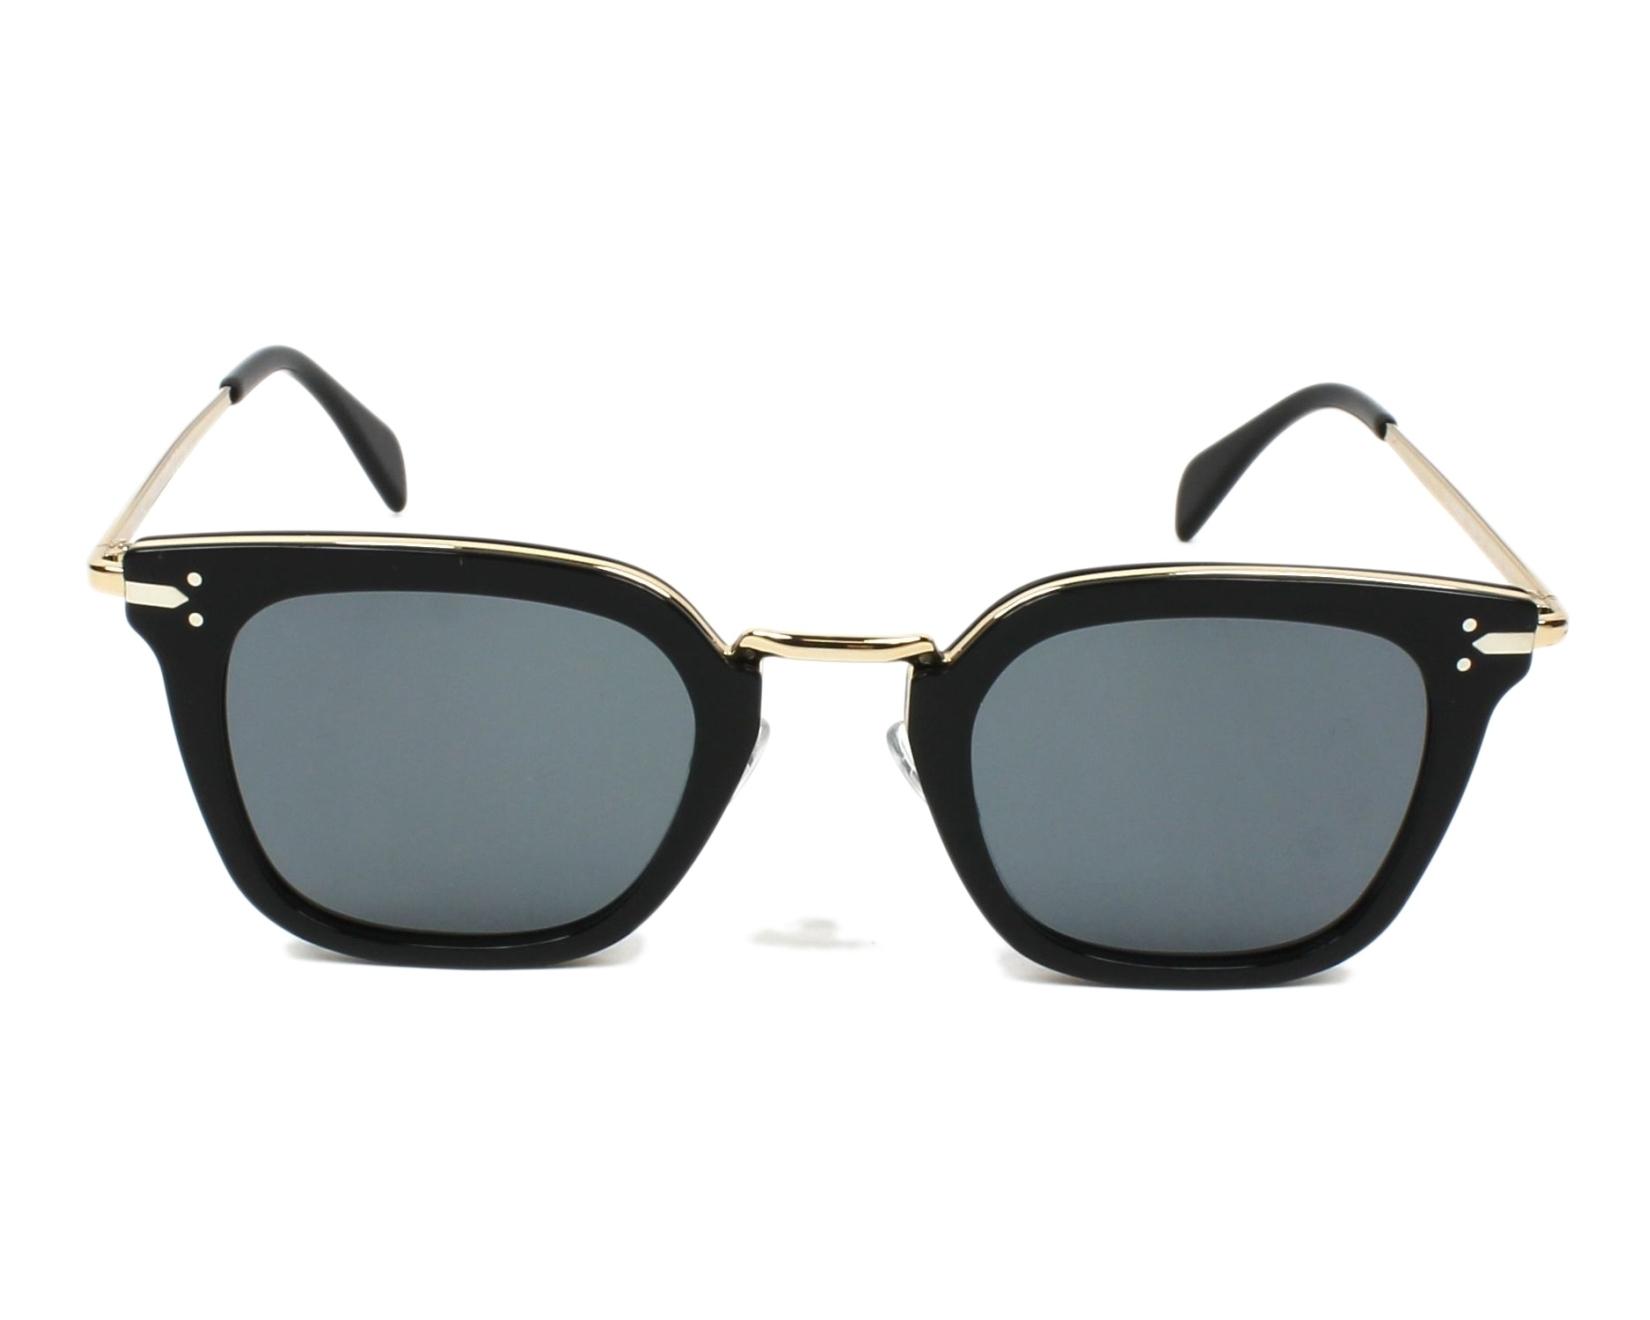 70d3600df7e Sunglasses Céline CL-41402 ANW G8 47-25 Black Gold front view